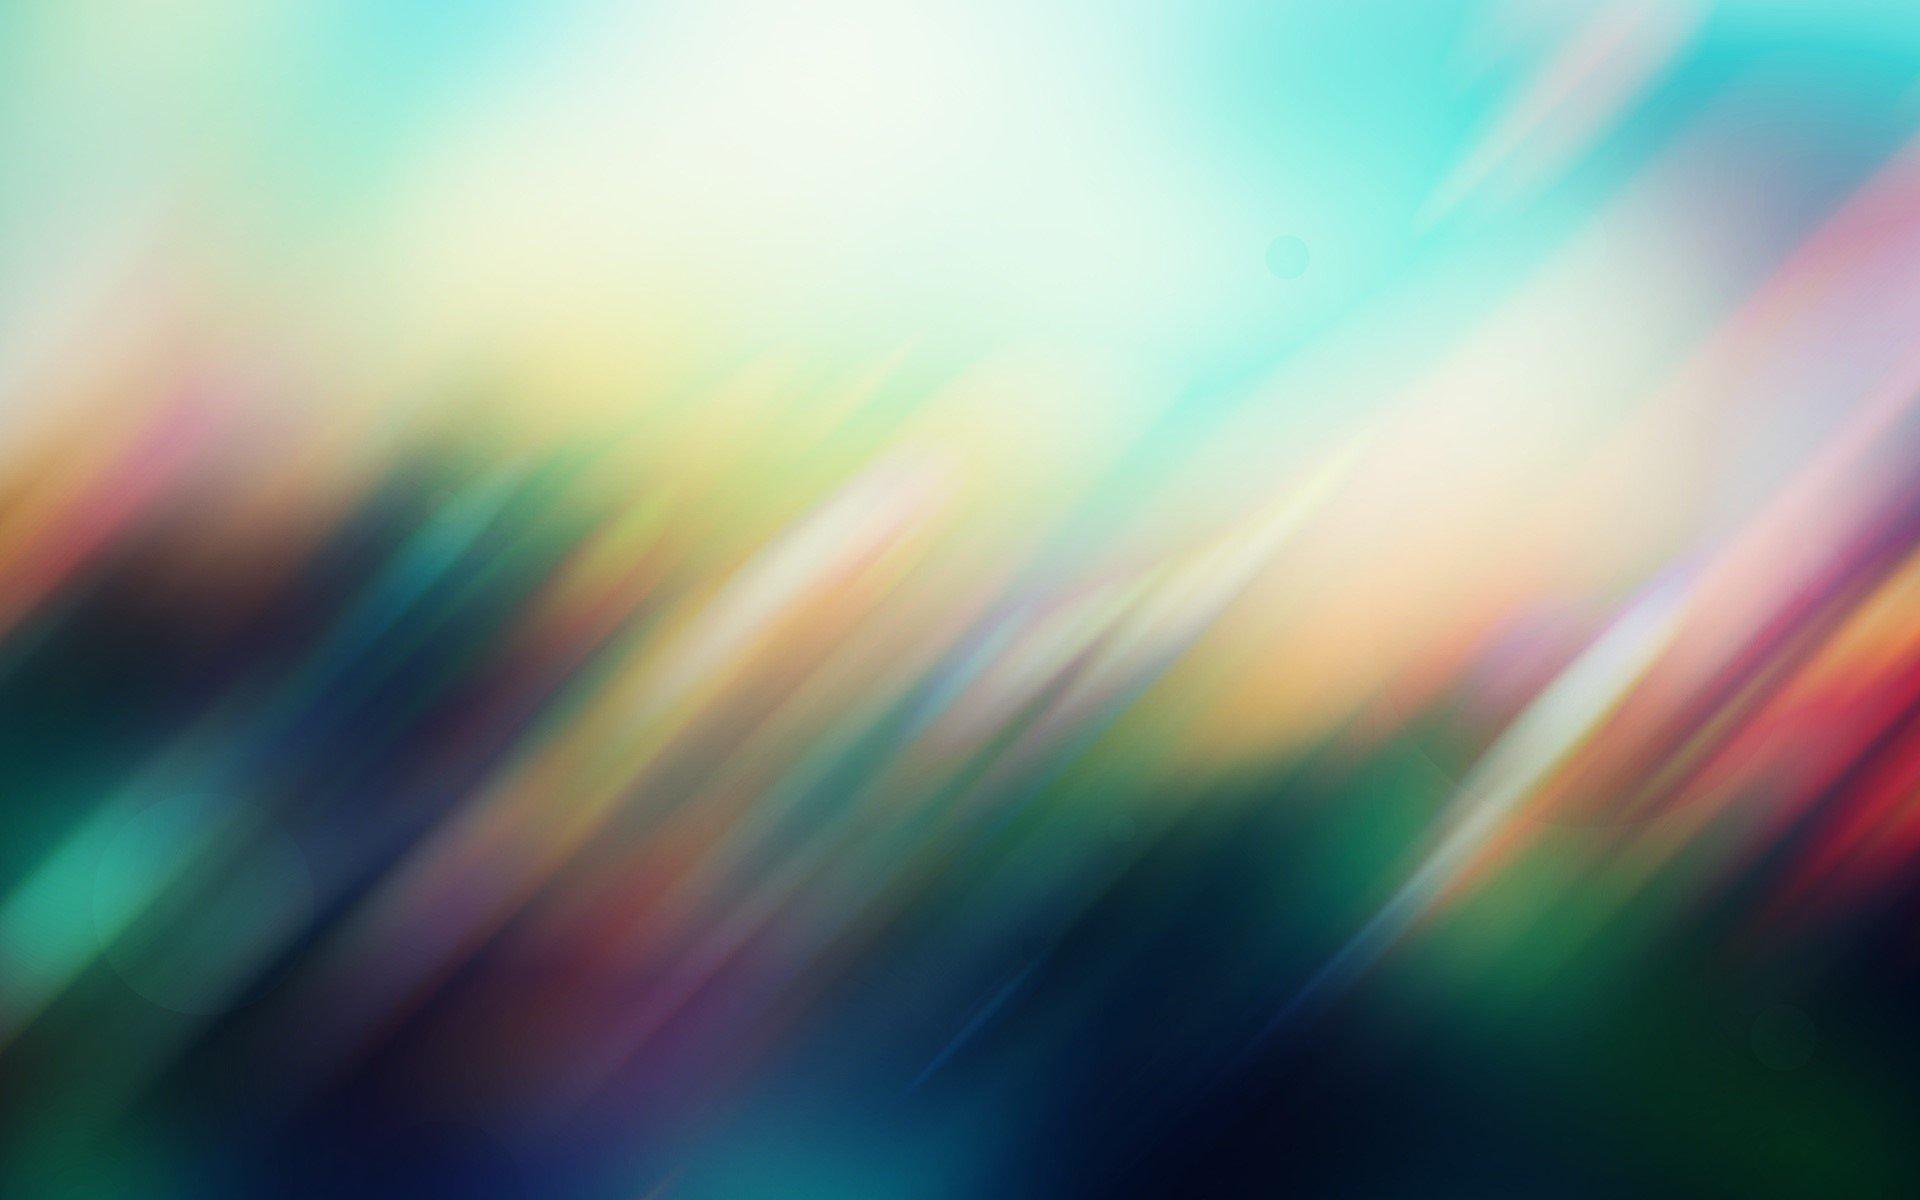 Fondo de pantalla de Desenfocado Imágenes